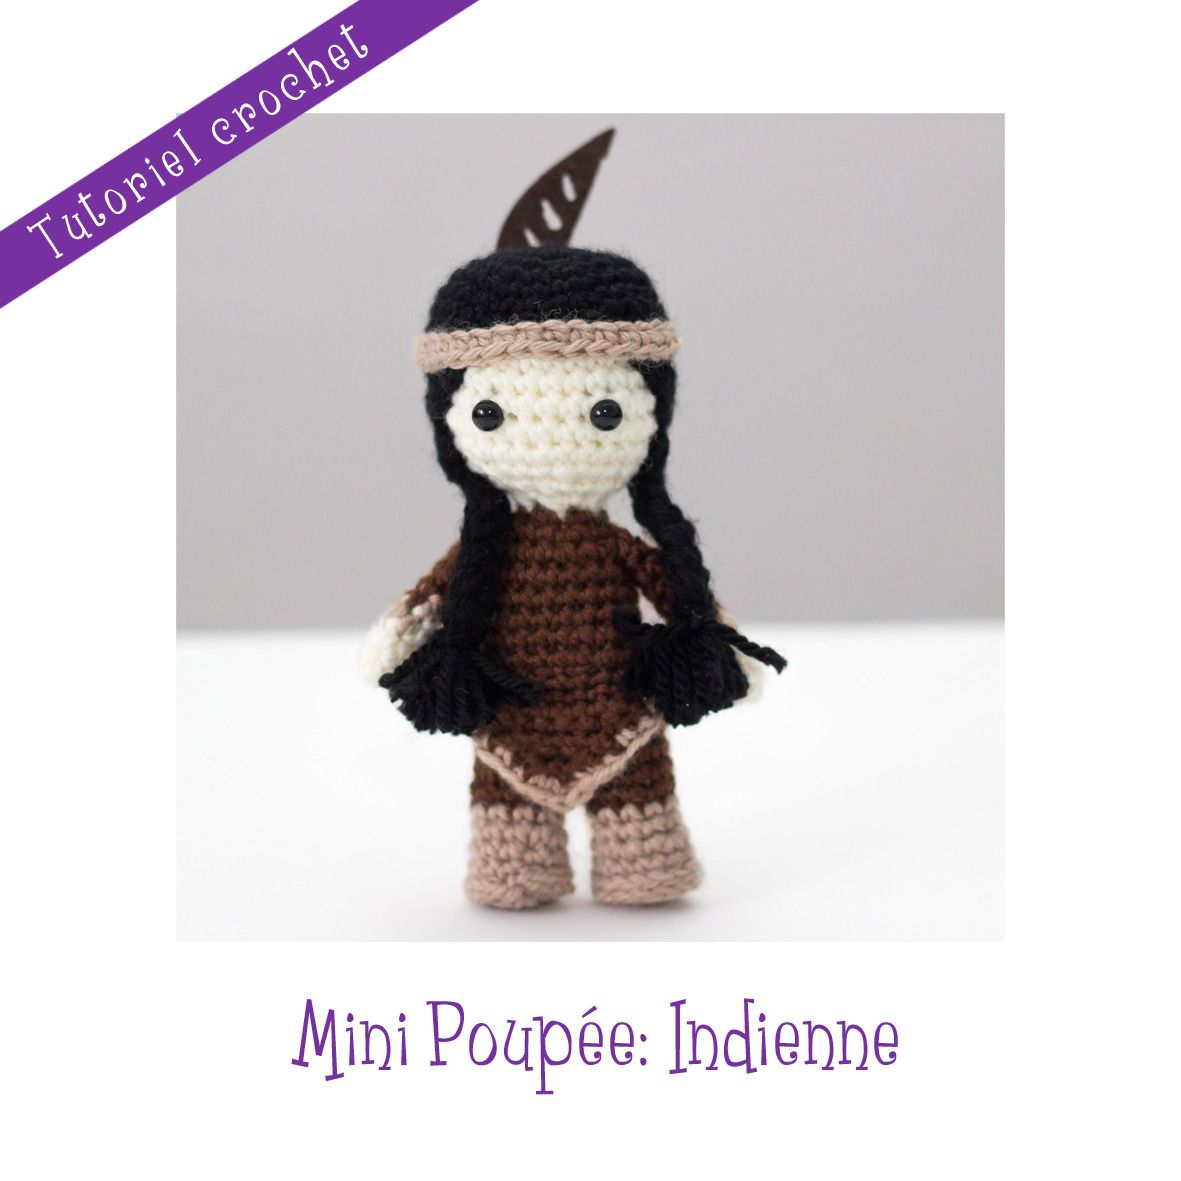 Patron crochet : Mini Poupée Indienne : Tutoriels de fabrication par ...